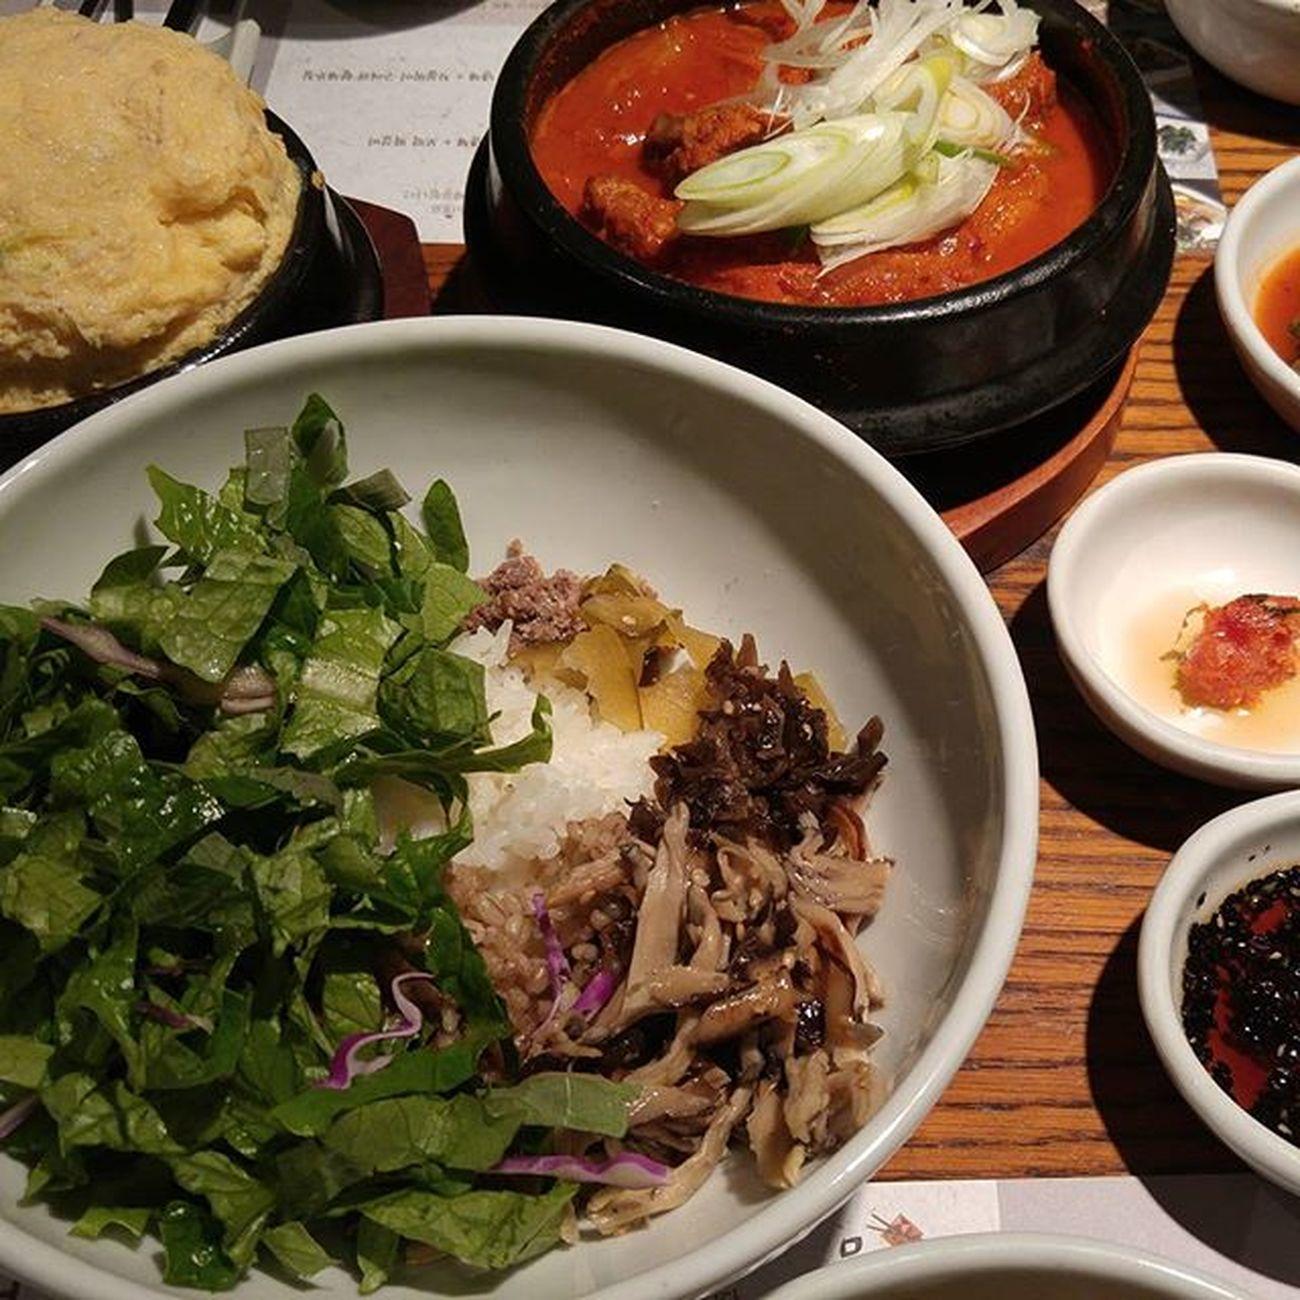 묵은지 김치찜과 모듬 버섯 비빔밥...